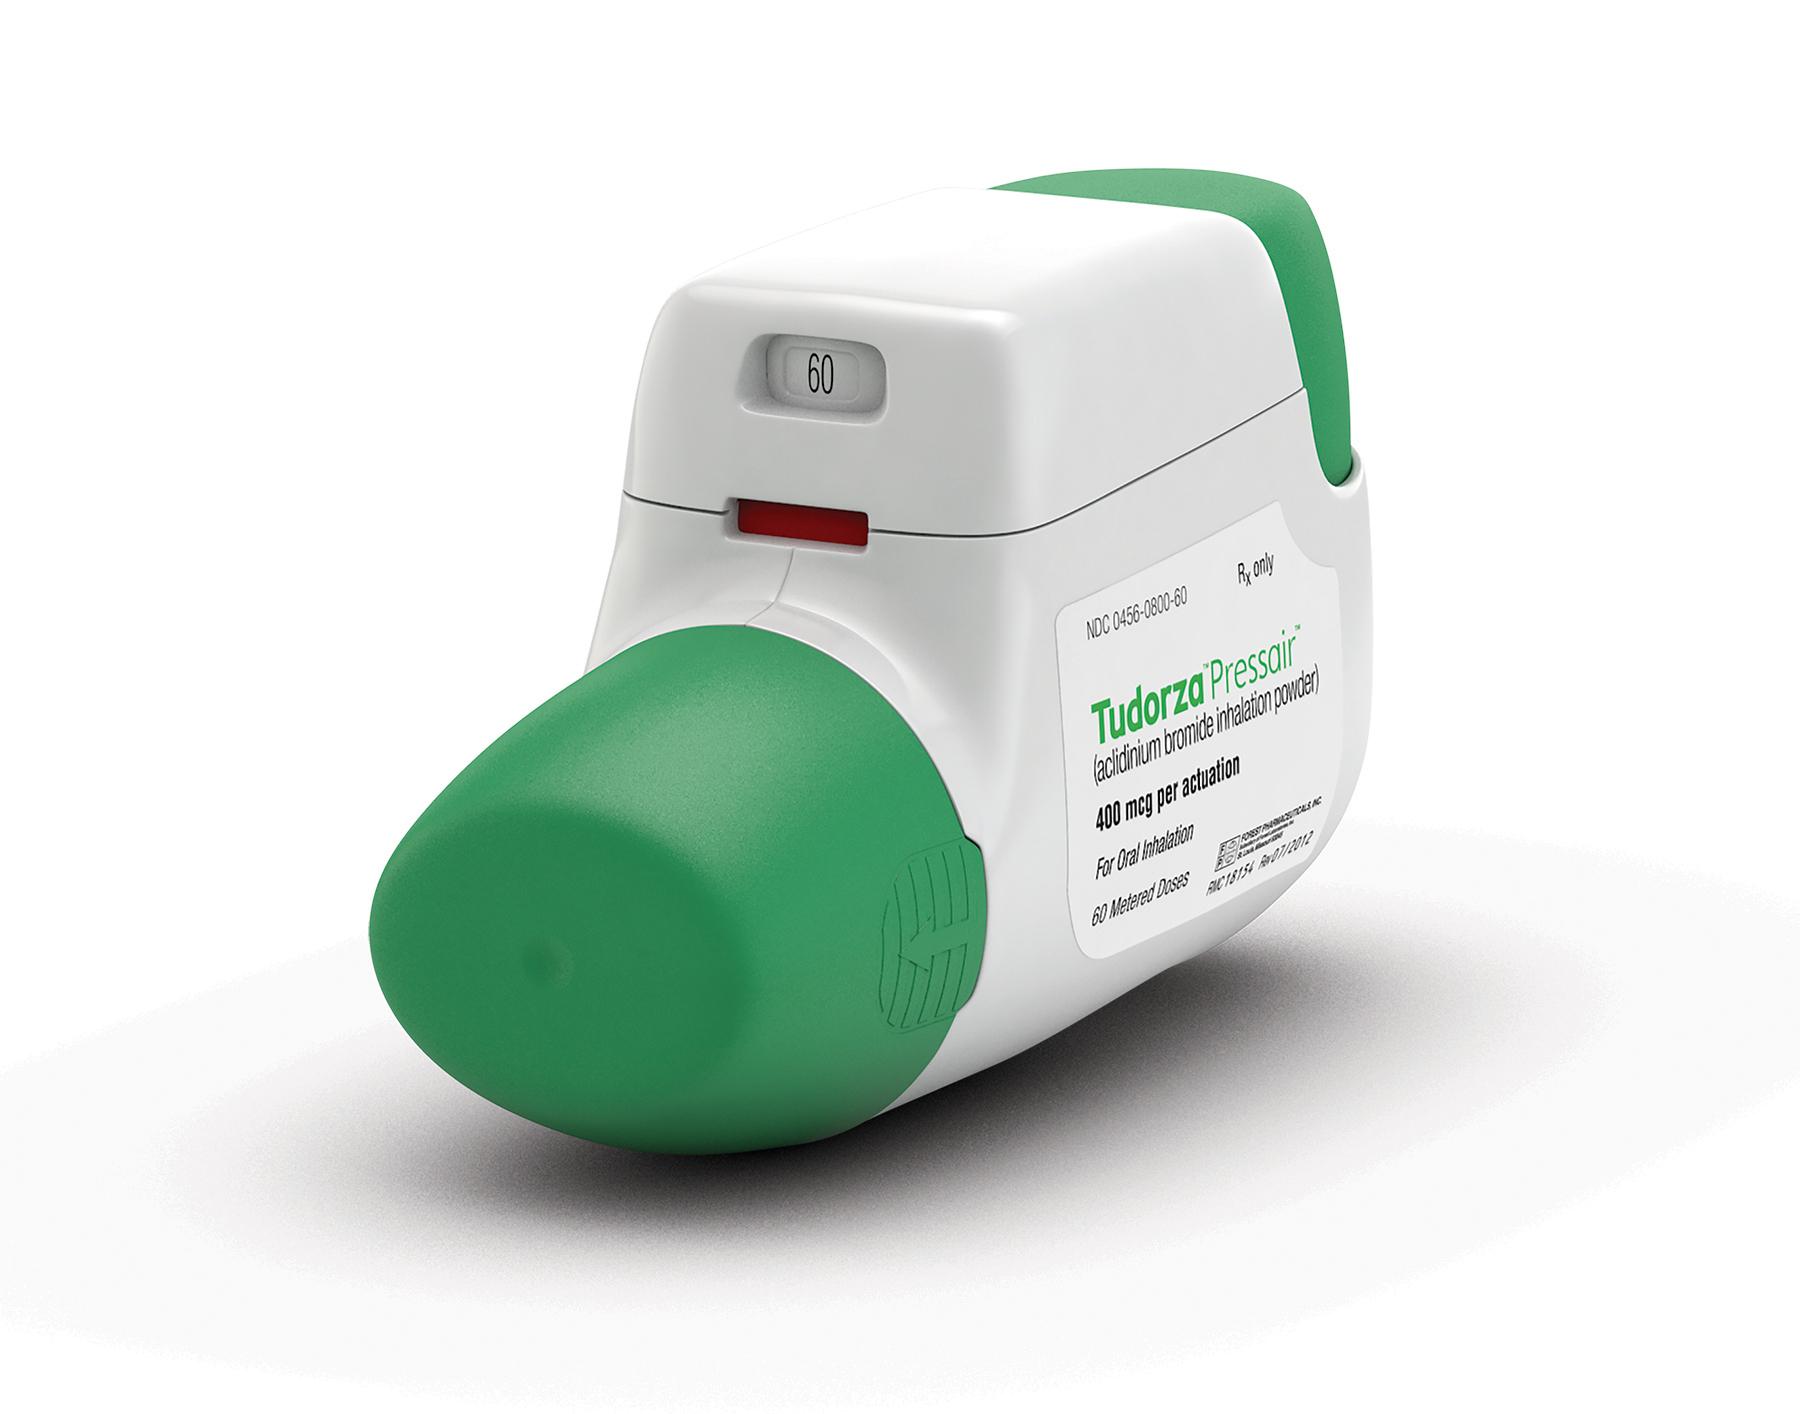 FDA Approves TUDORZA® PRESSAIR® (aclidinium bromide